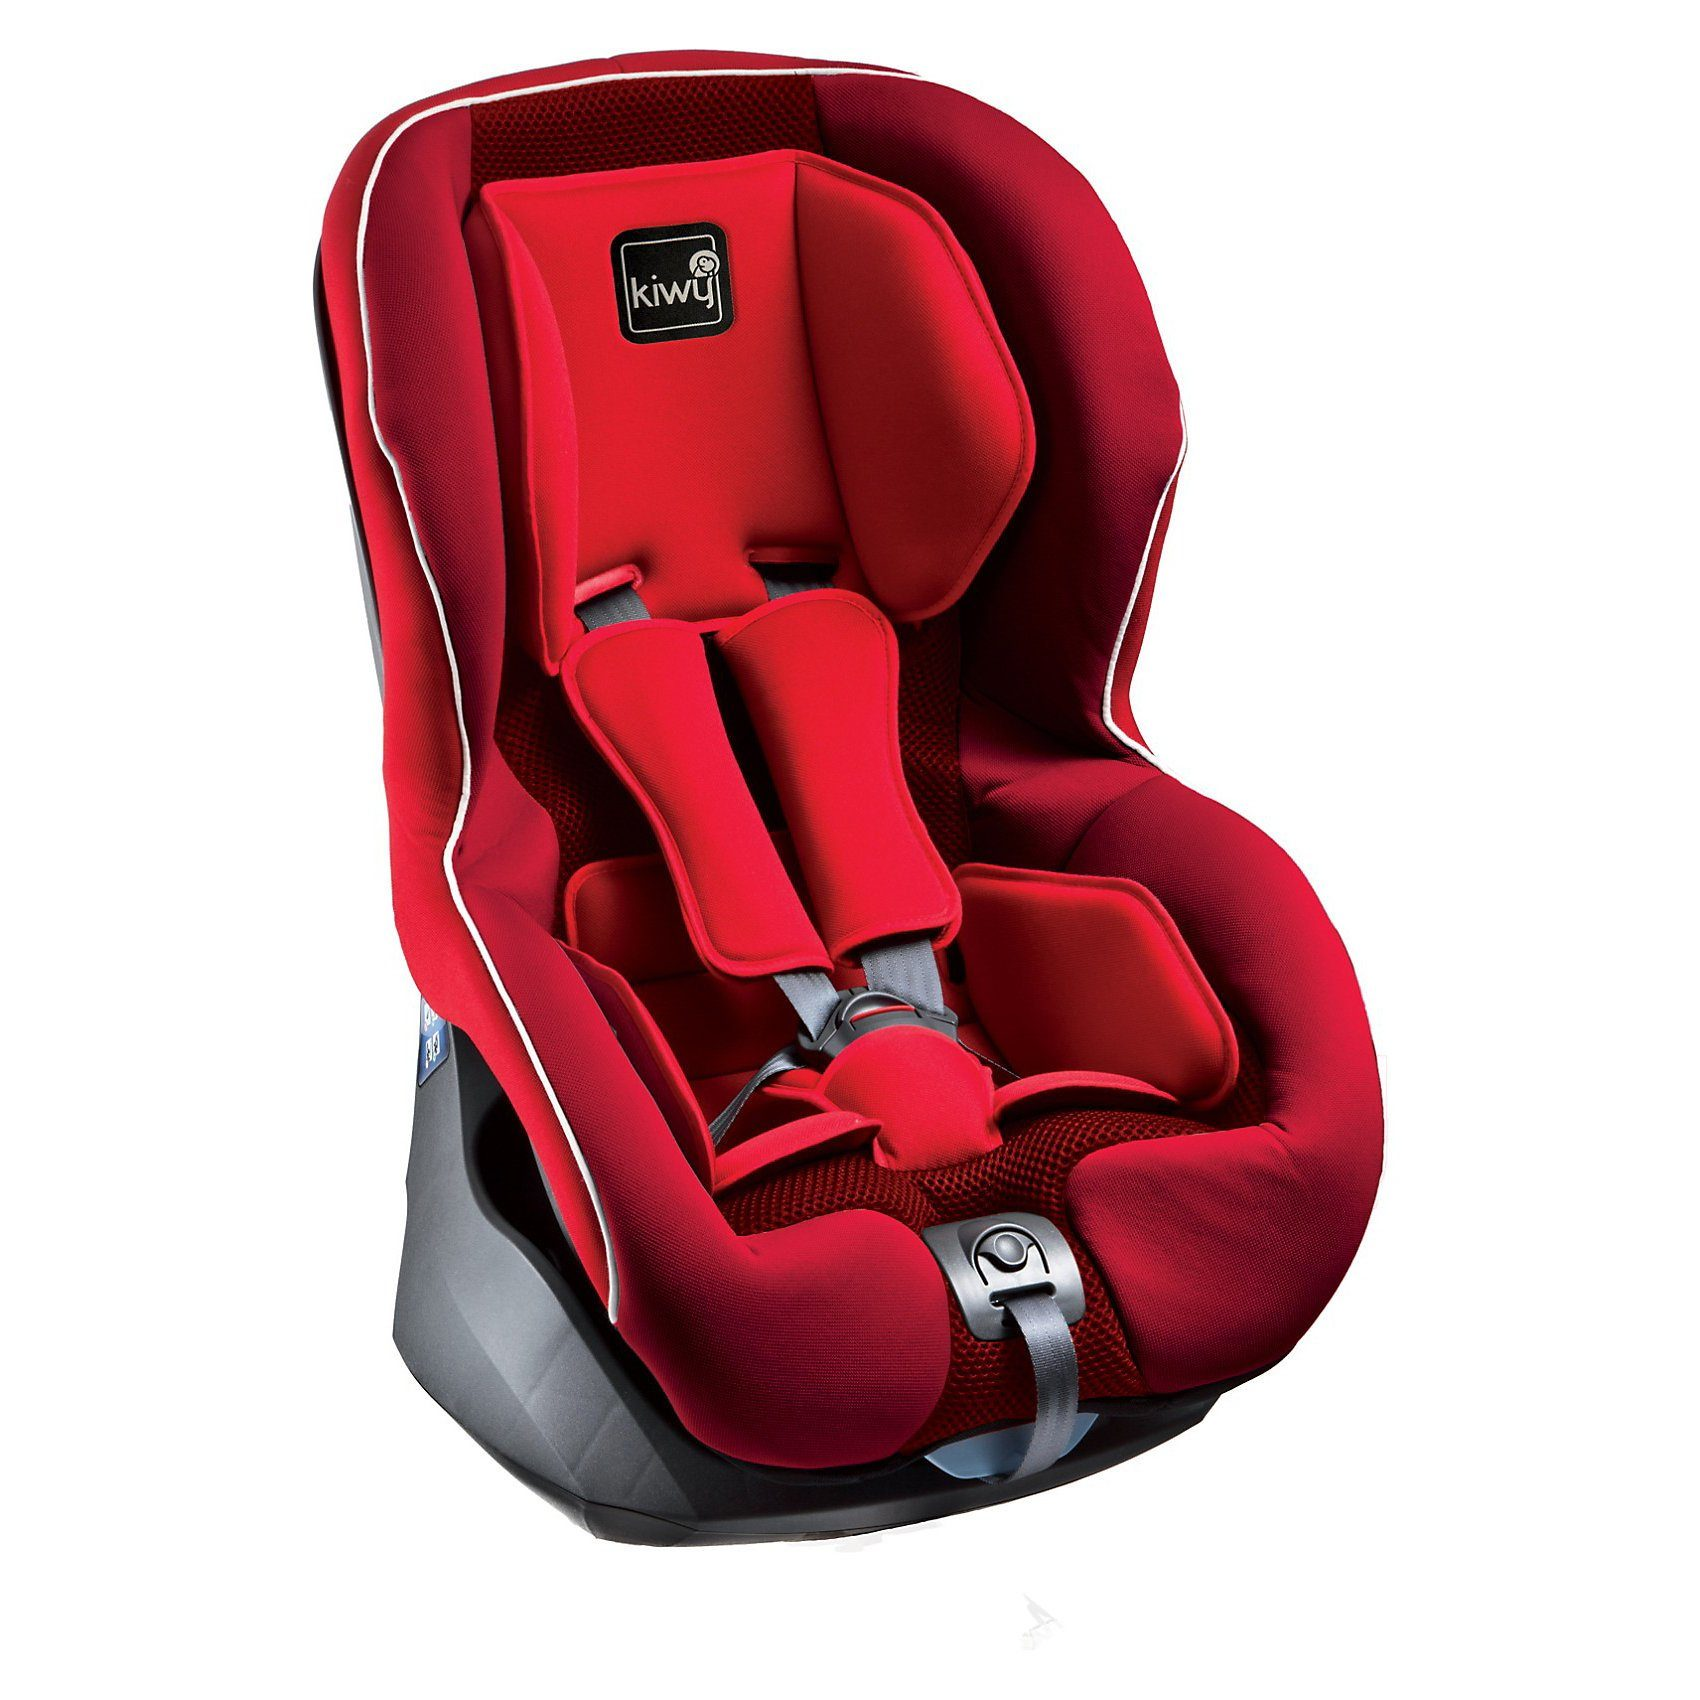 Kiwy Auto-Kindersitz SP1 SA-ATS, Cherry, 2016